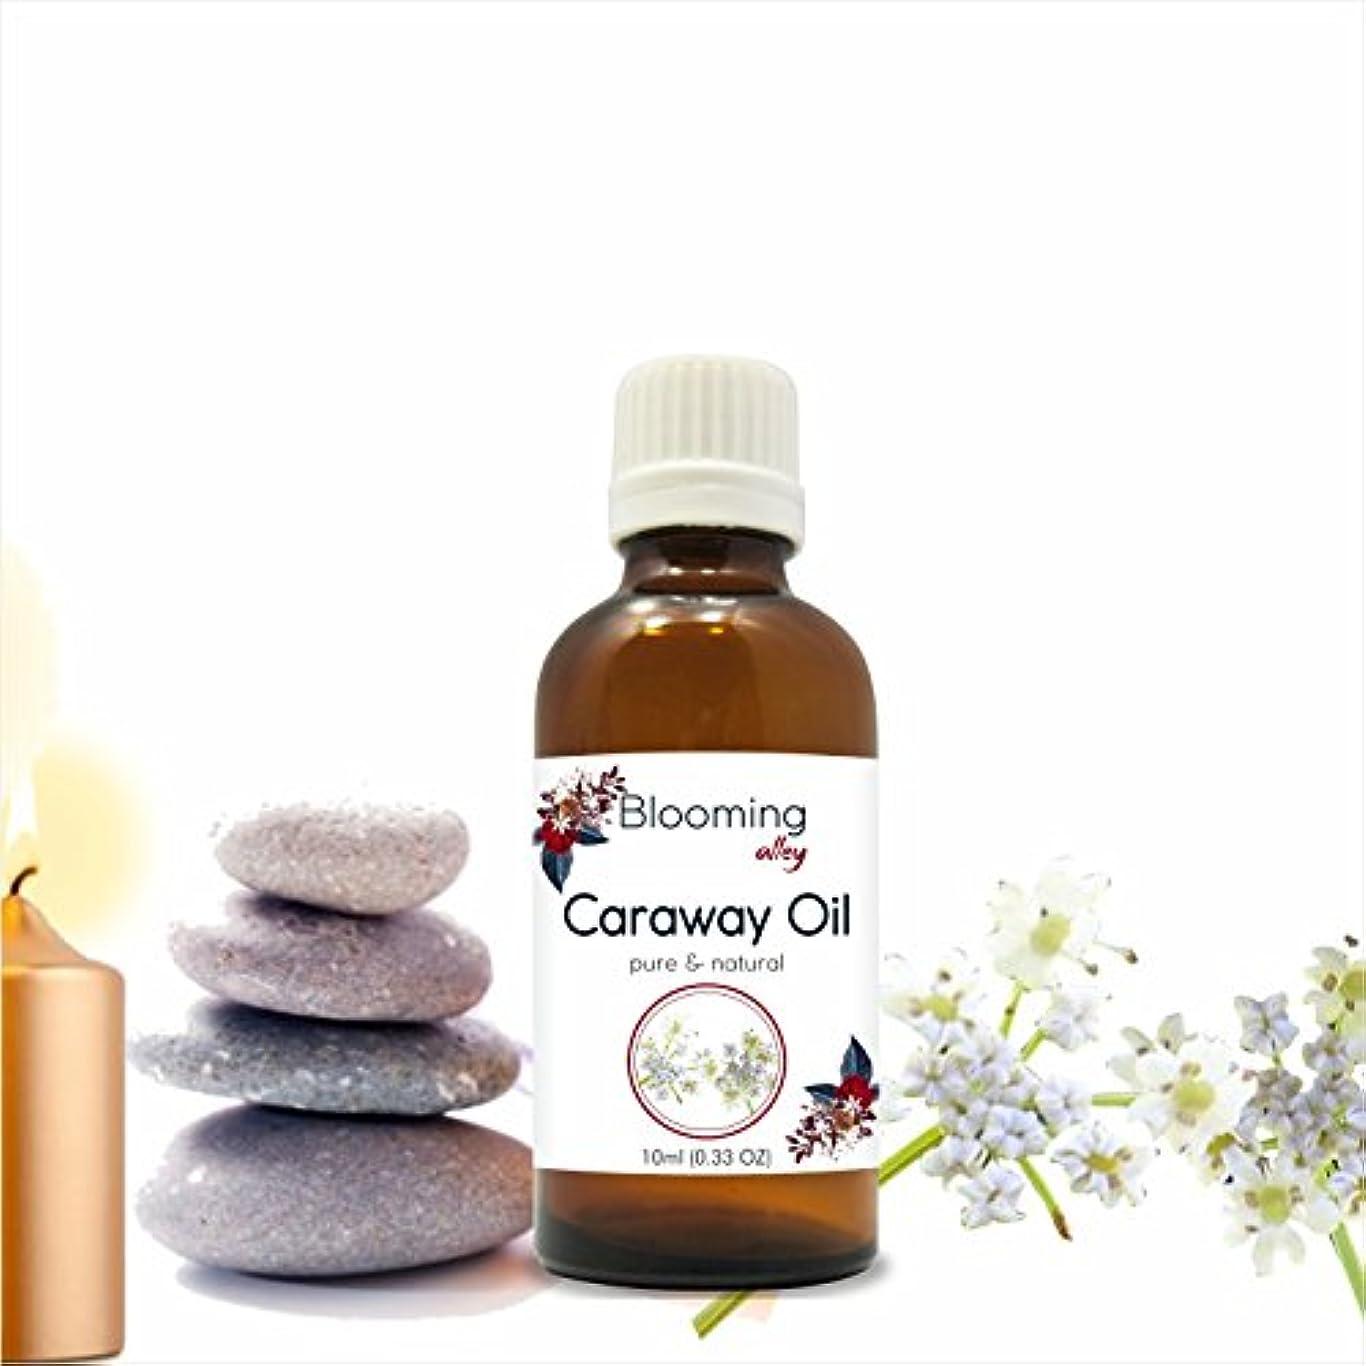 熟読奇跡北東Caraway Oil (Carum Carvi) Essential Oil 10 ml or 0.33 Fl Oz by Blooming Alley